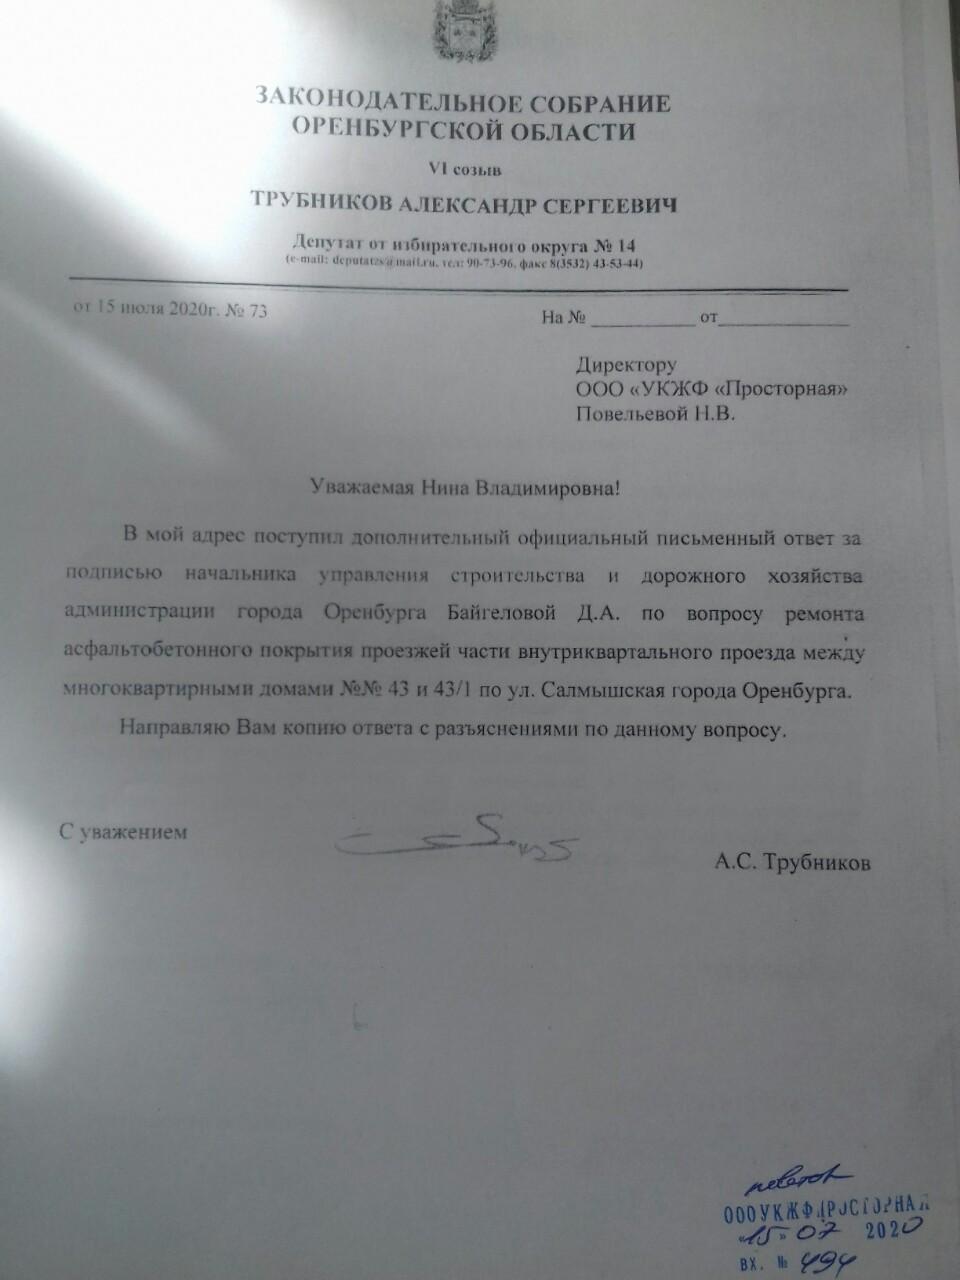 Ответ на вопрос по ремонту асфальтнобетонного покрытия проезжей части между МКД на ул. Салмышская 43 и 43/1